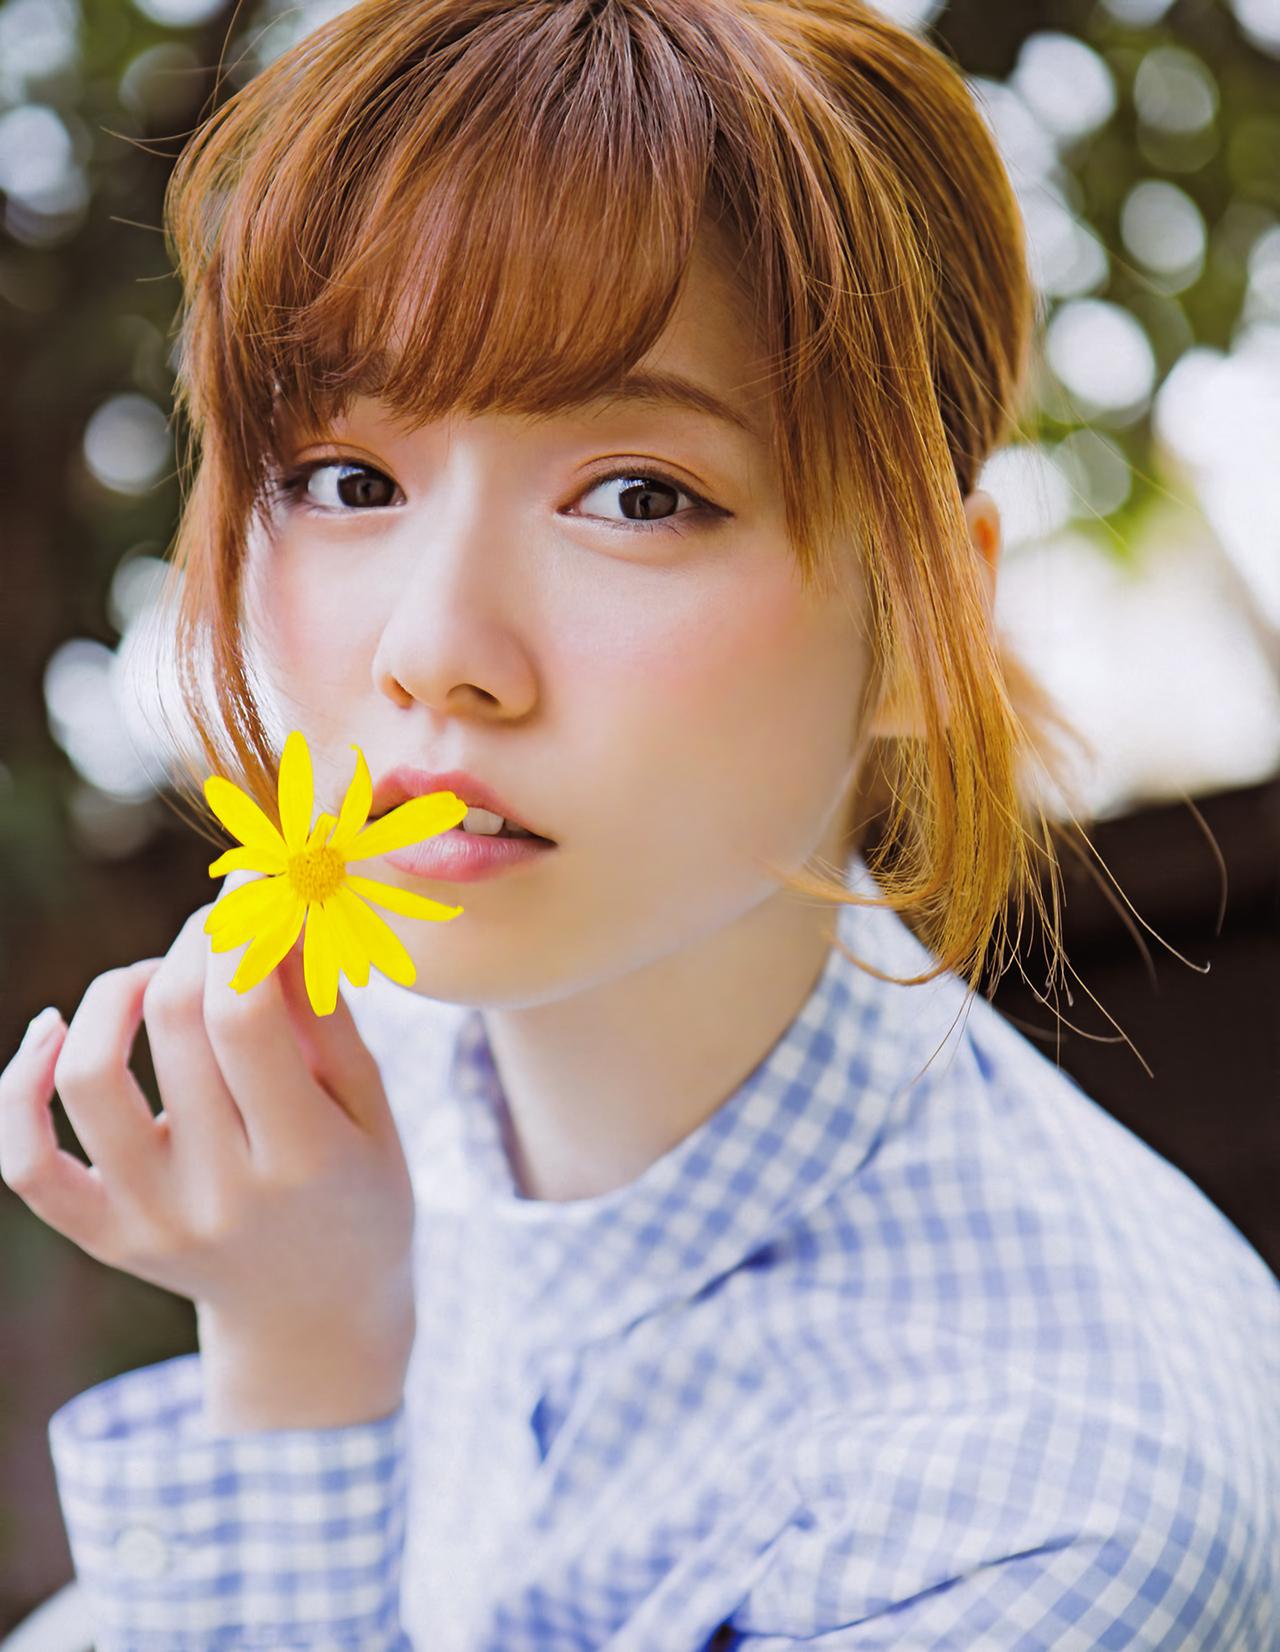 【AKB48】ぱるるがセンターの楽曲ってどんな曲!?【島崎遥香】|MARBLE [マーブル]